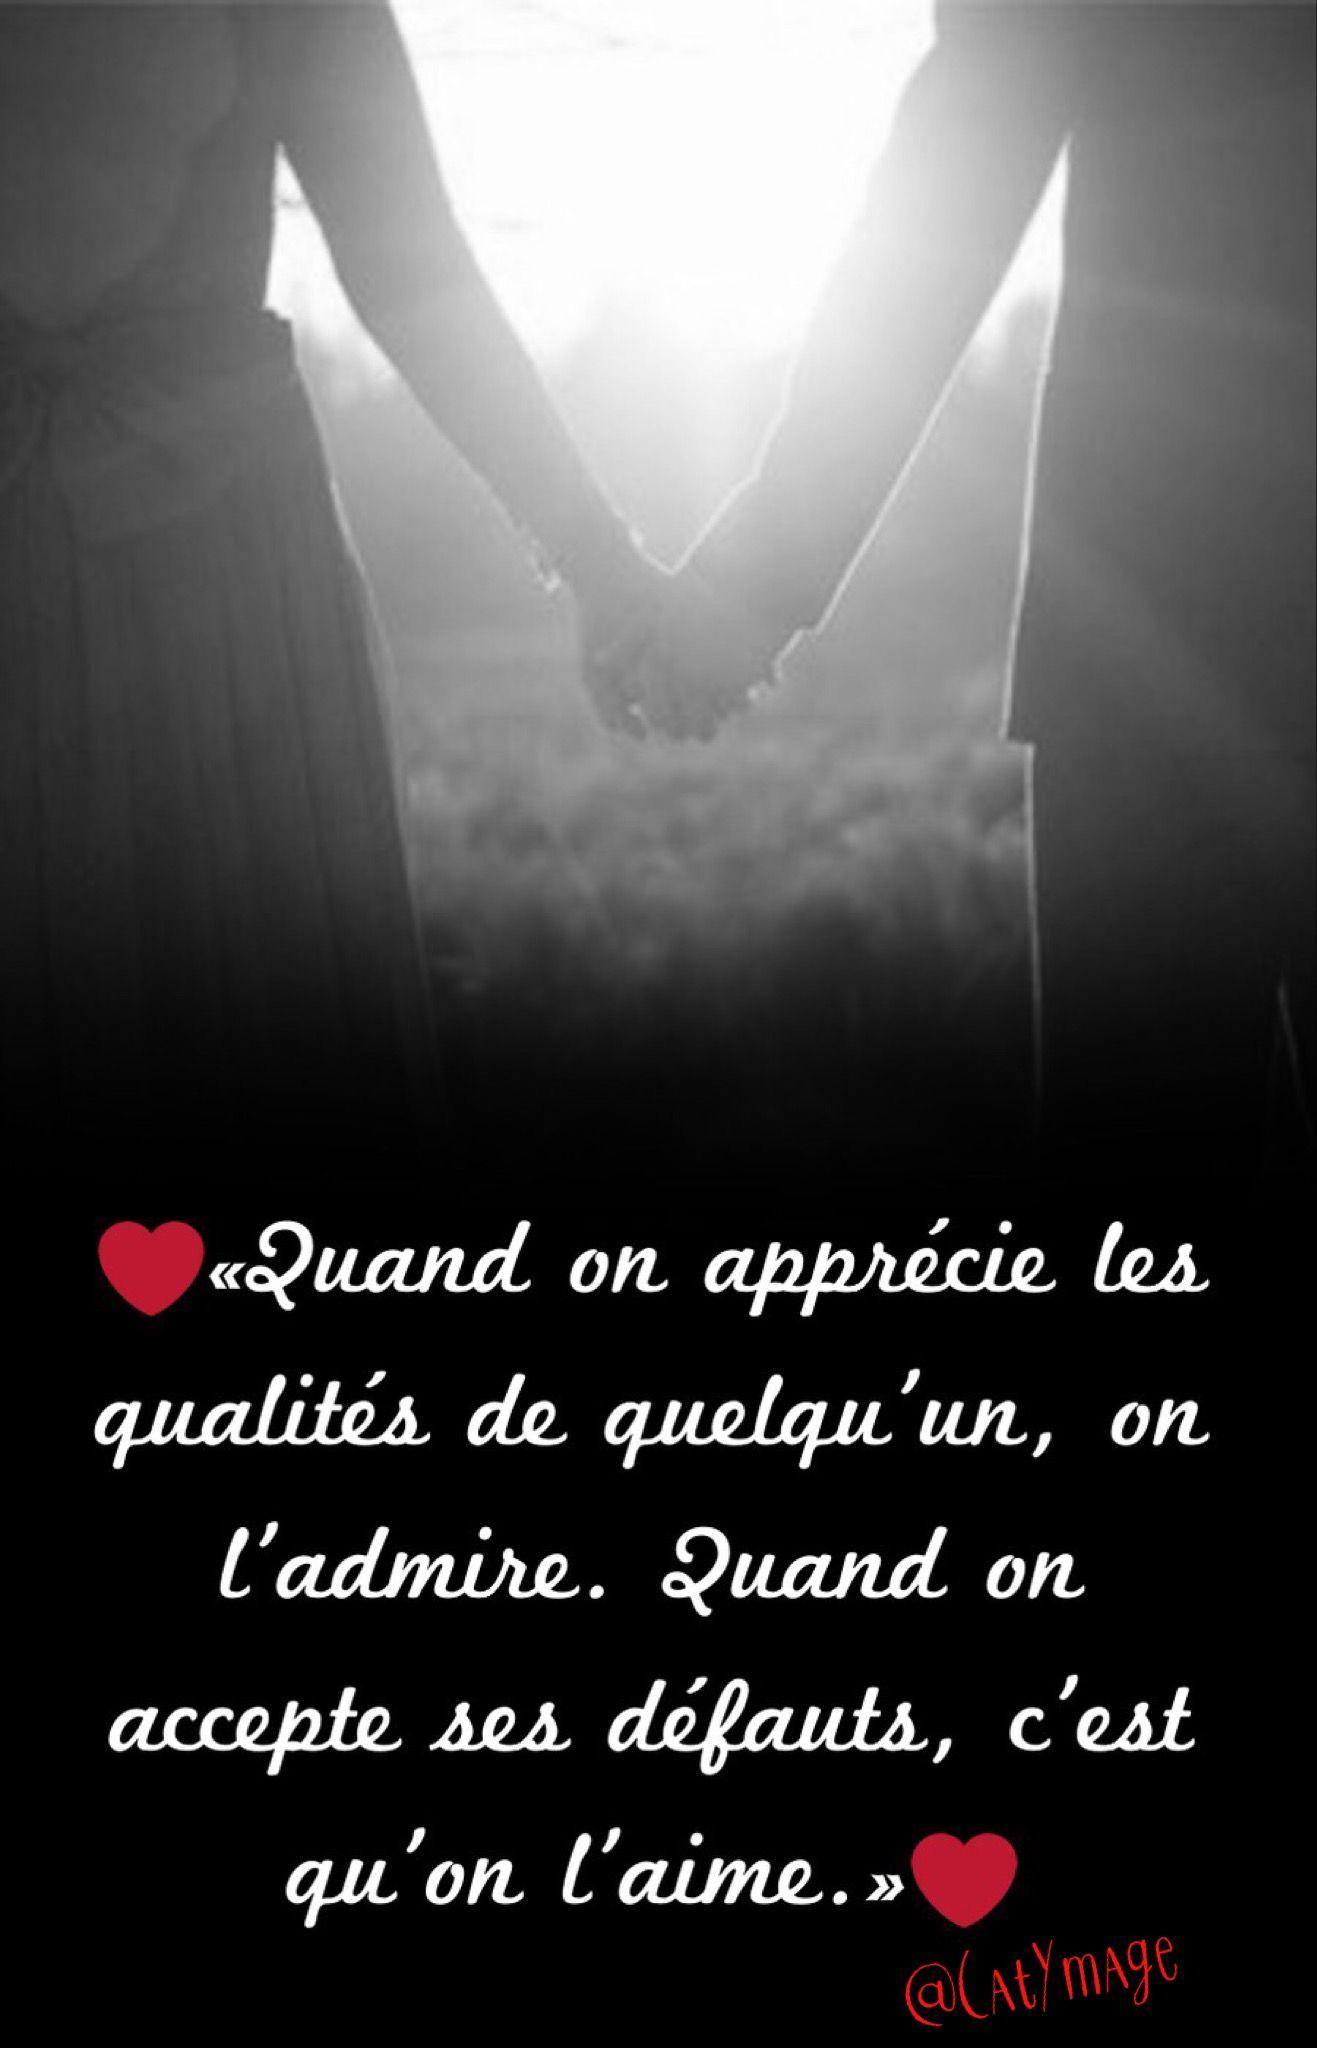 Est Ce Que Je L'aime : l'aime, ❤️«Quand, Apprécie, Qualités, Quelqu'un,, L'admire., Quand, Accepte, Défauts,, C'est, Qu'on, L'aime.»❤️, Citation,, Proverbes, Citations,, Pense